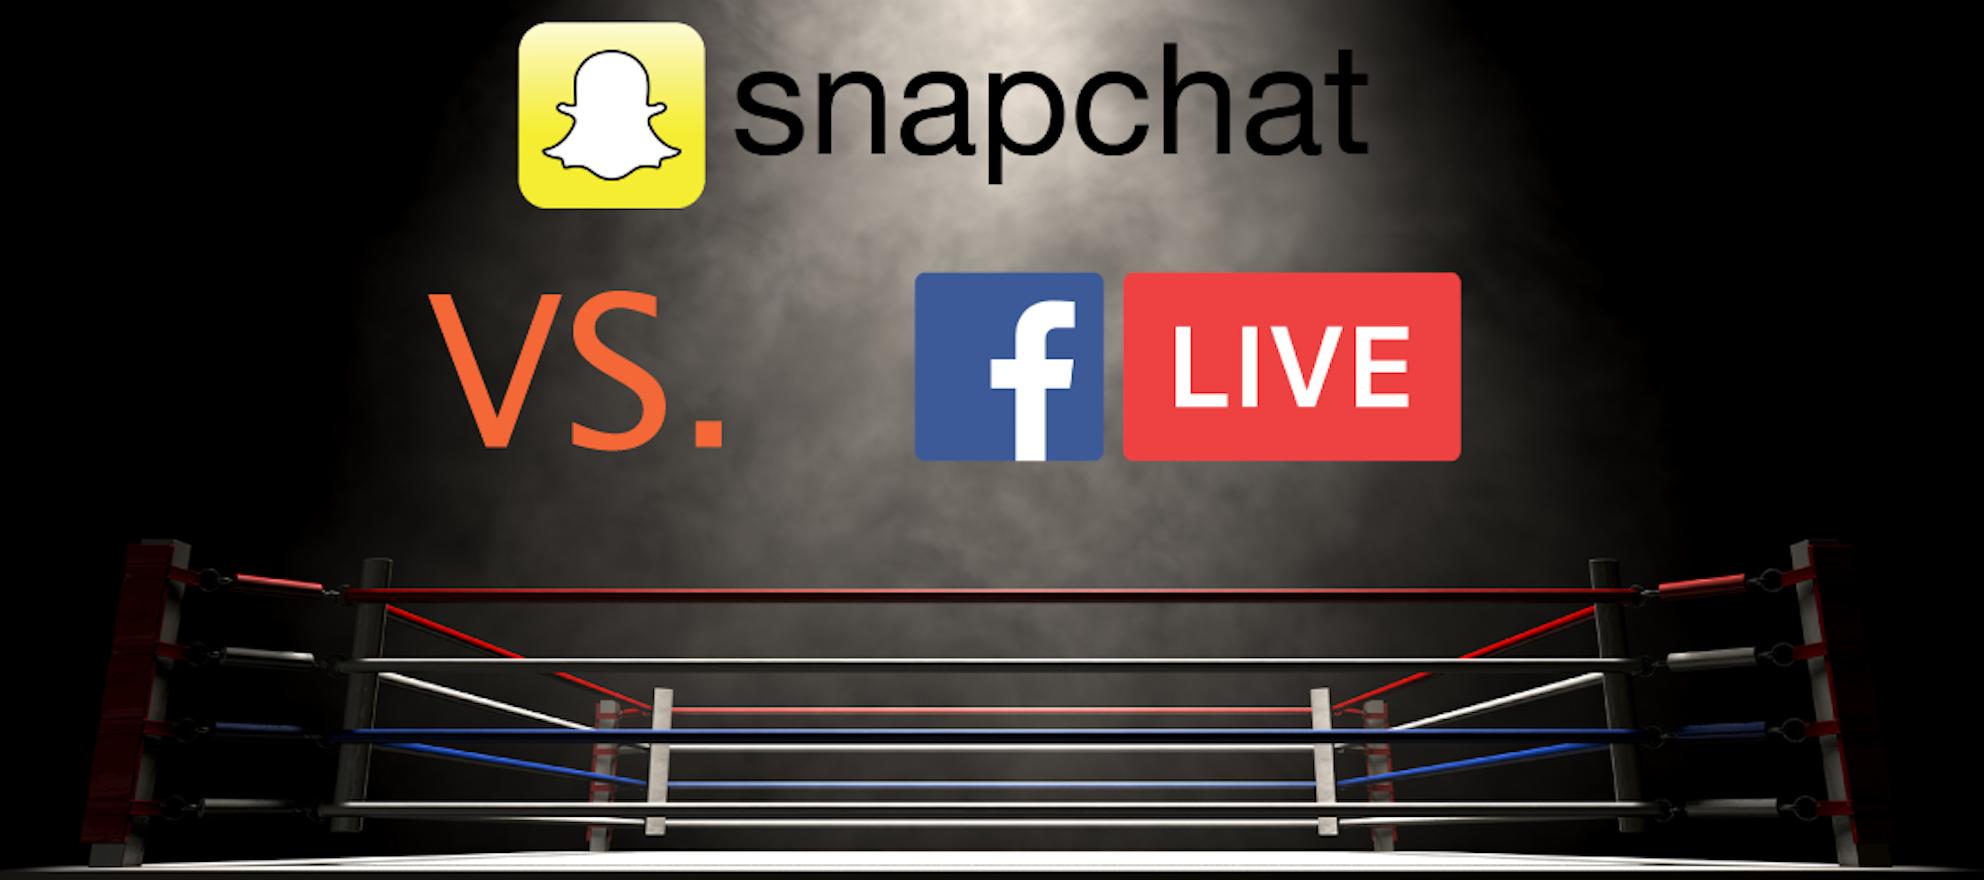 facebook live snapchat real estate